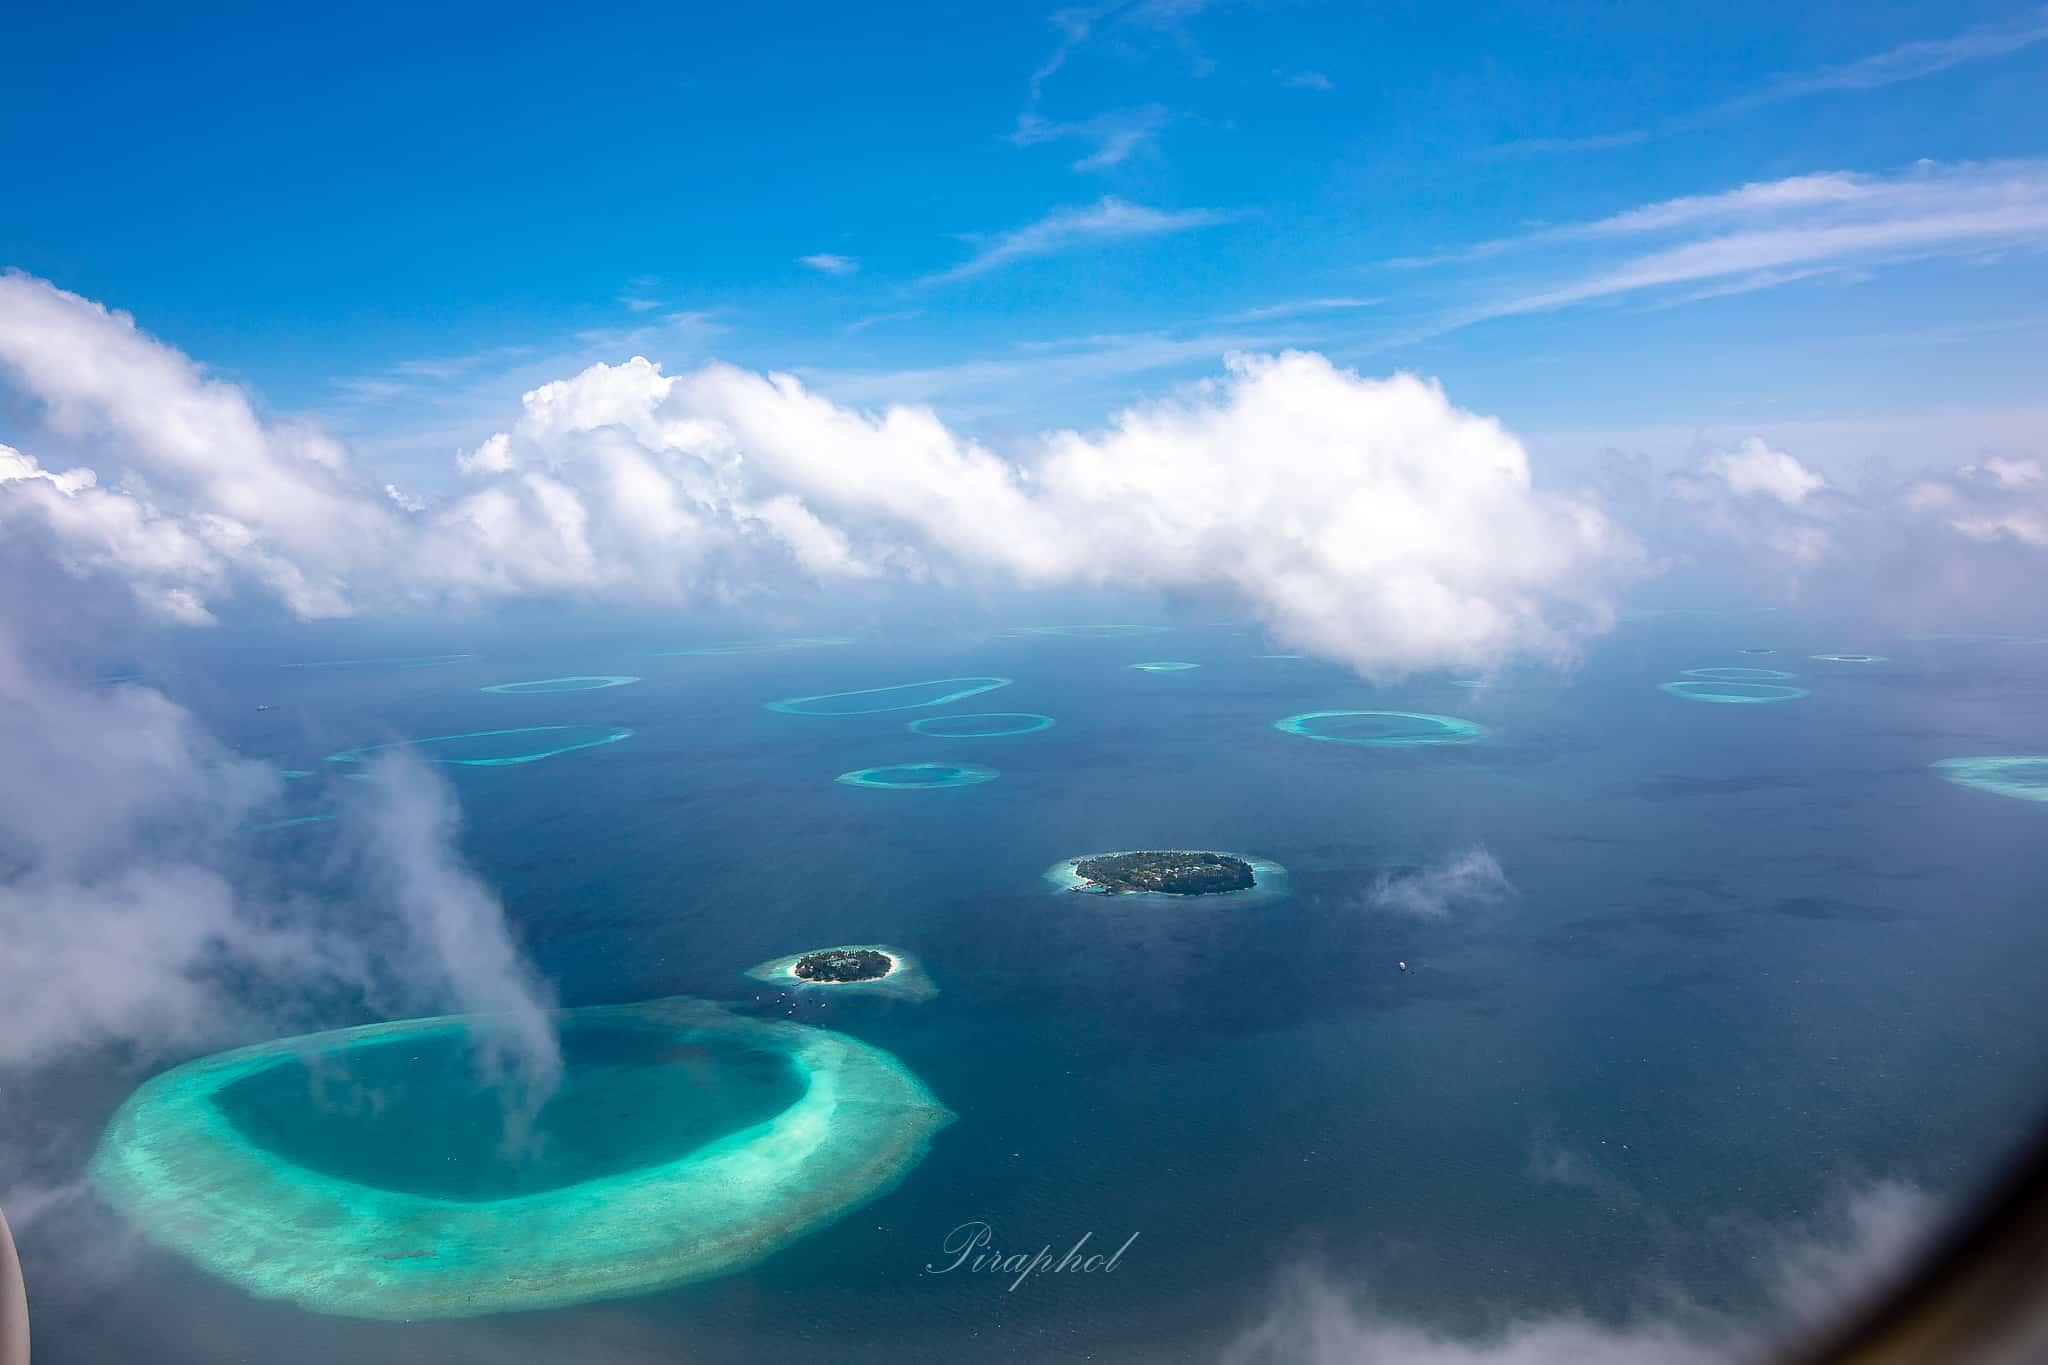 มัลดีฟ คลับเมด คานิ Maldive Club Med Kai